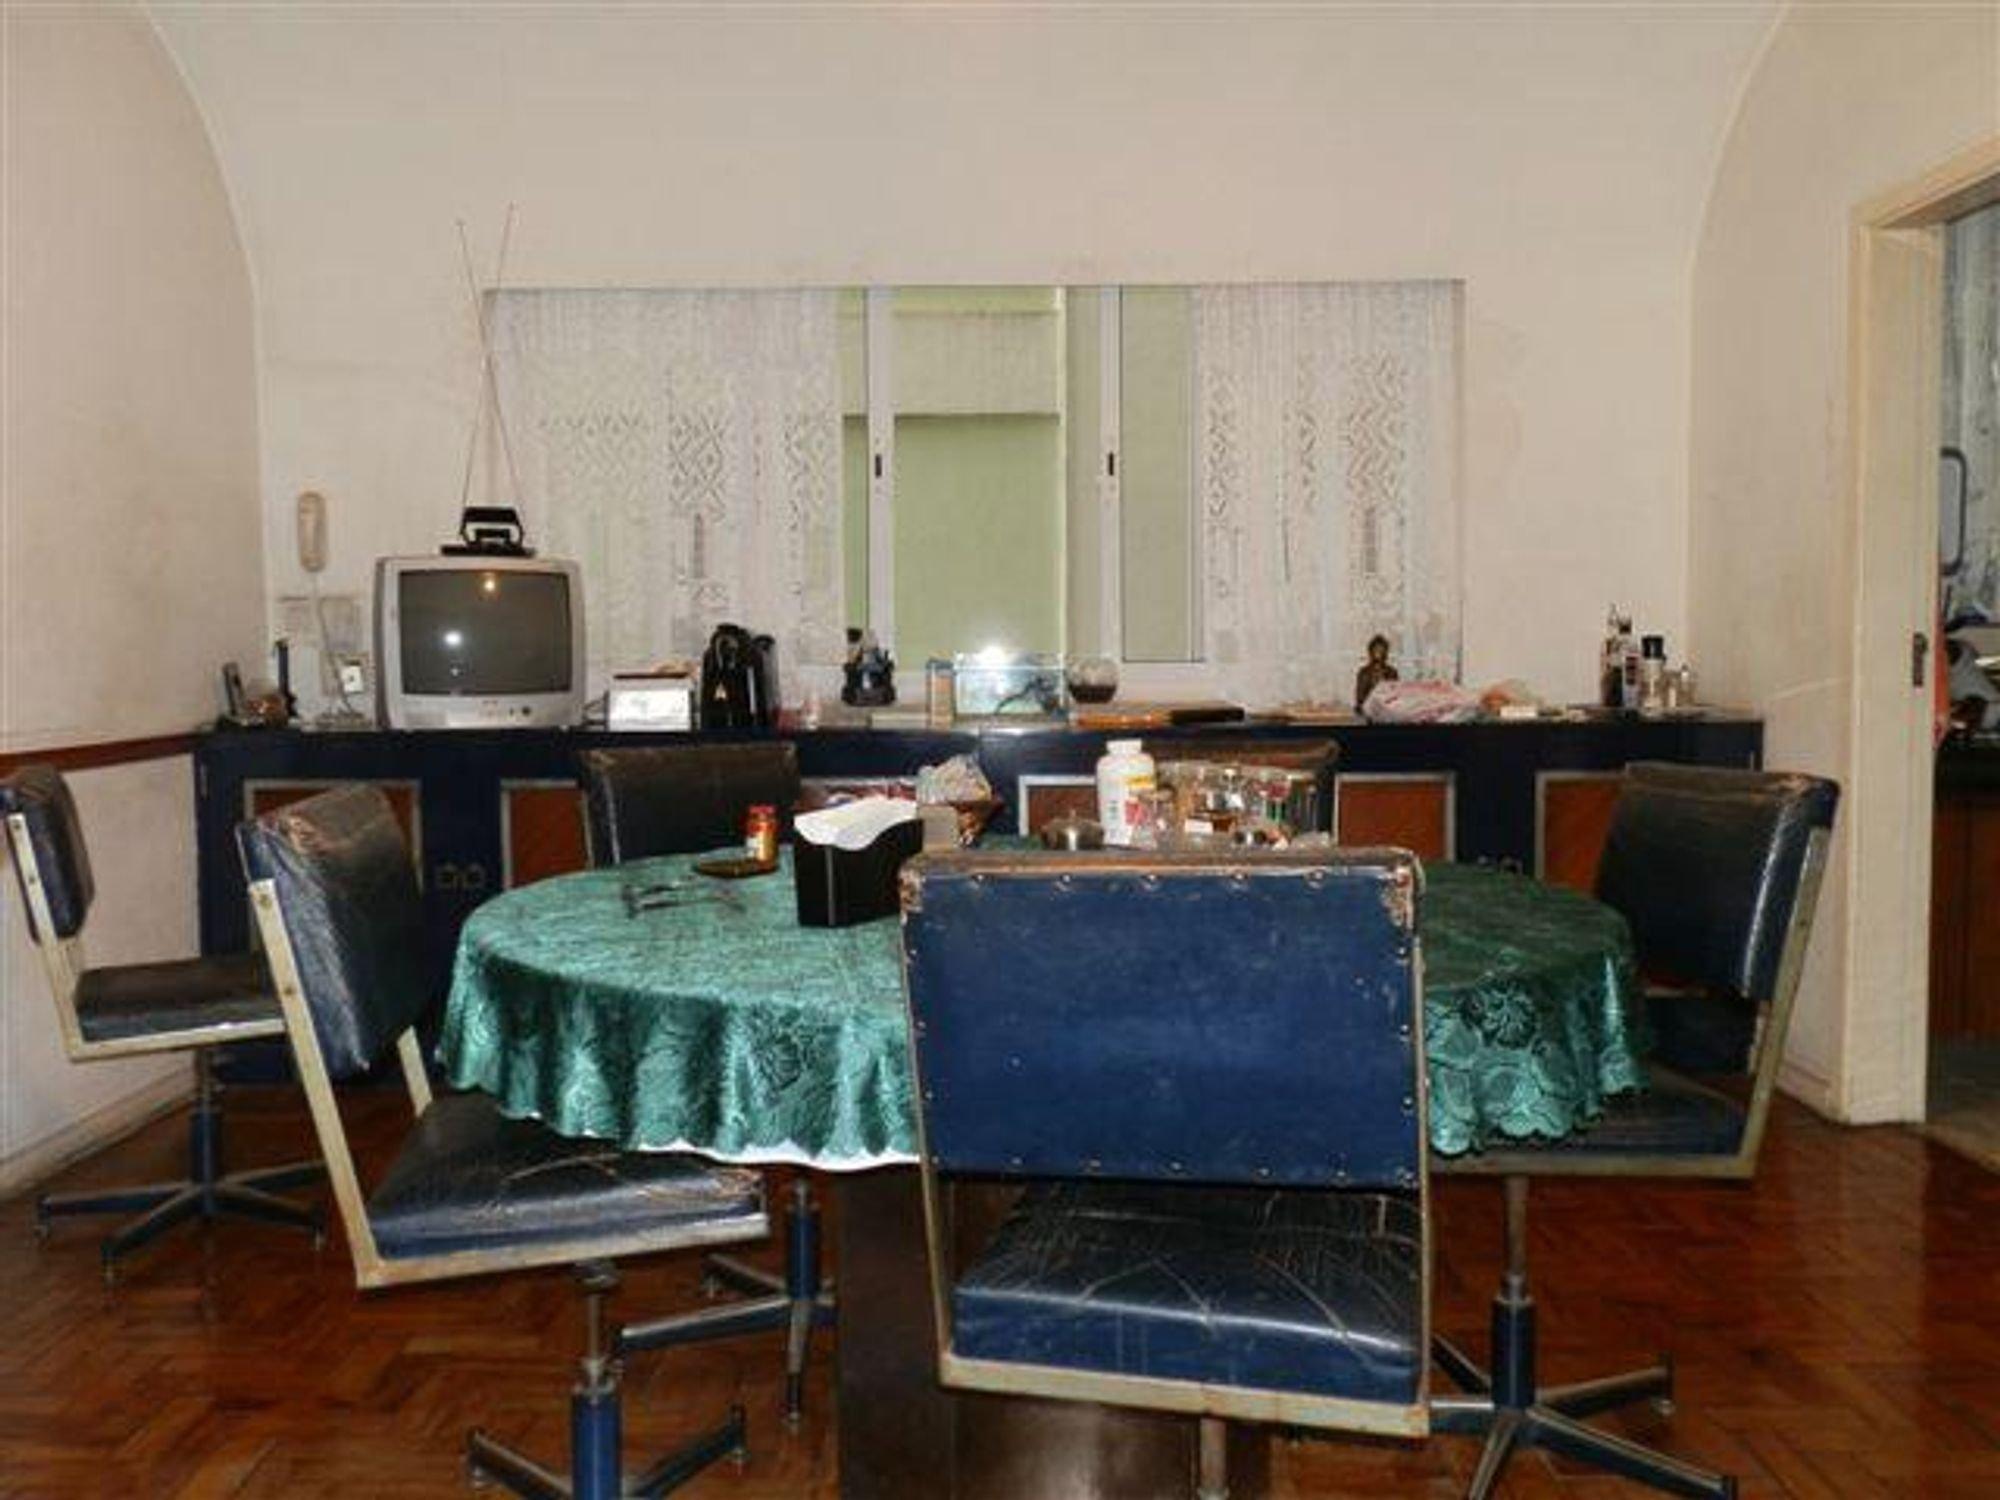 Foto de Sala com televisão, garrafa, cadeira, mesa de jantar